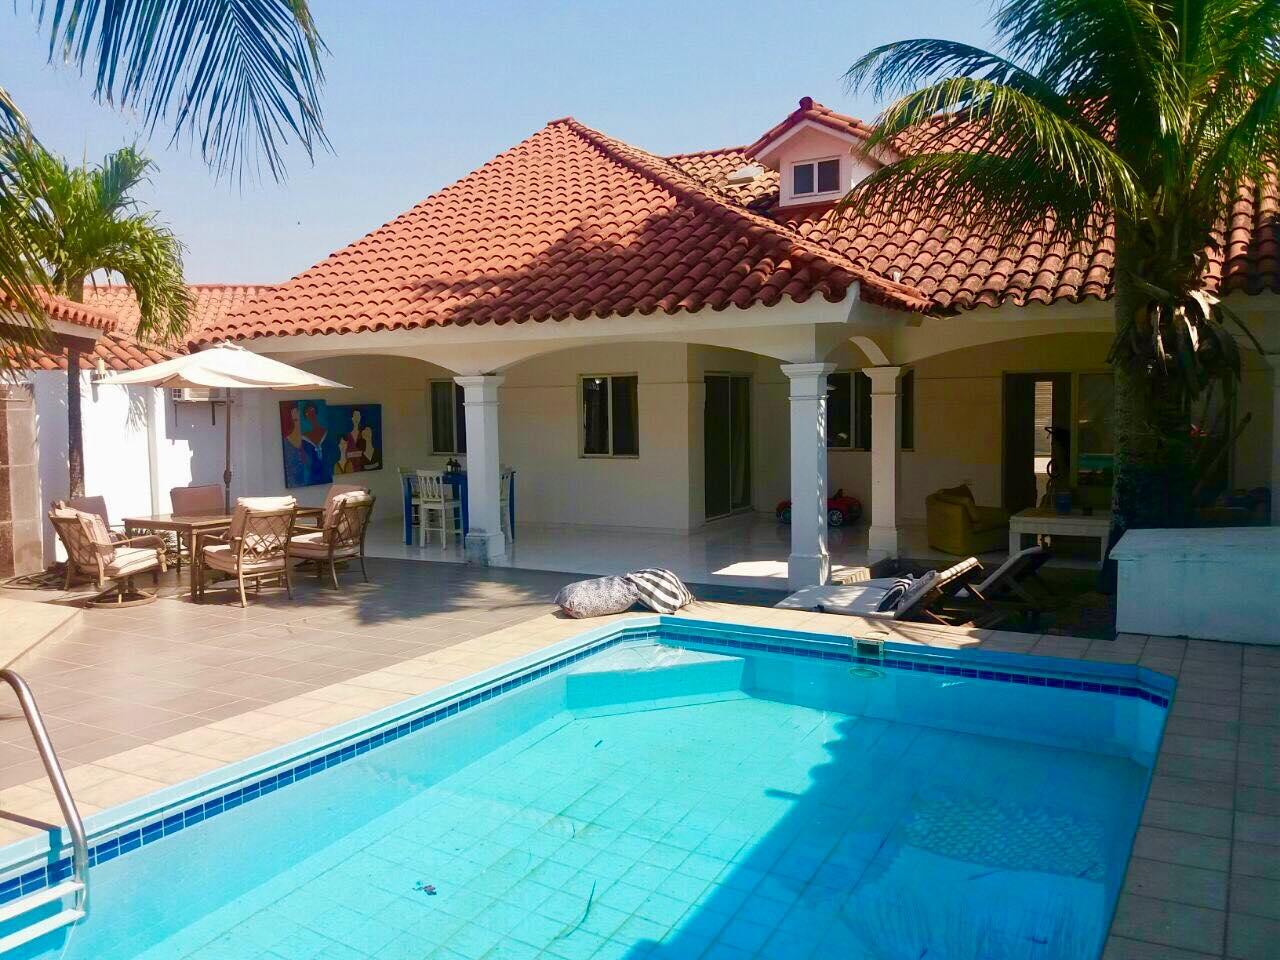 Hermosa casa con piscina zona las palmas a pocos metros del country club precio incre ble - Piscina las palmas ...